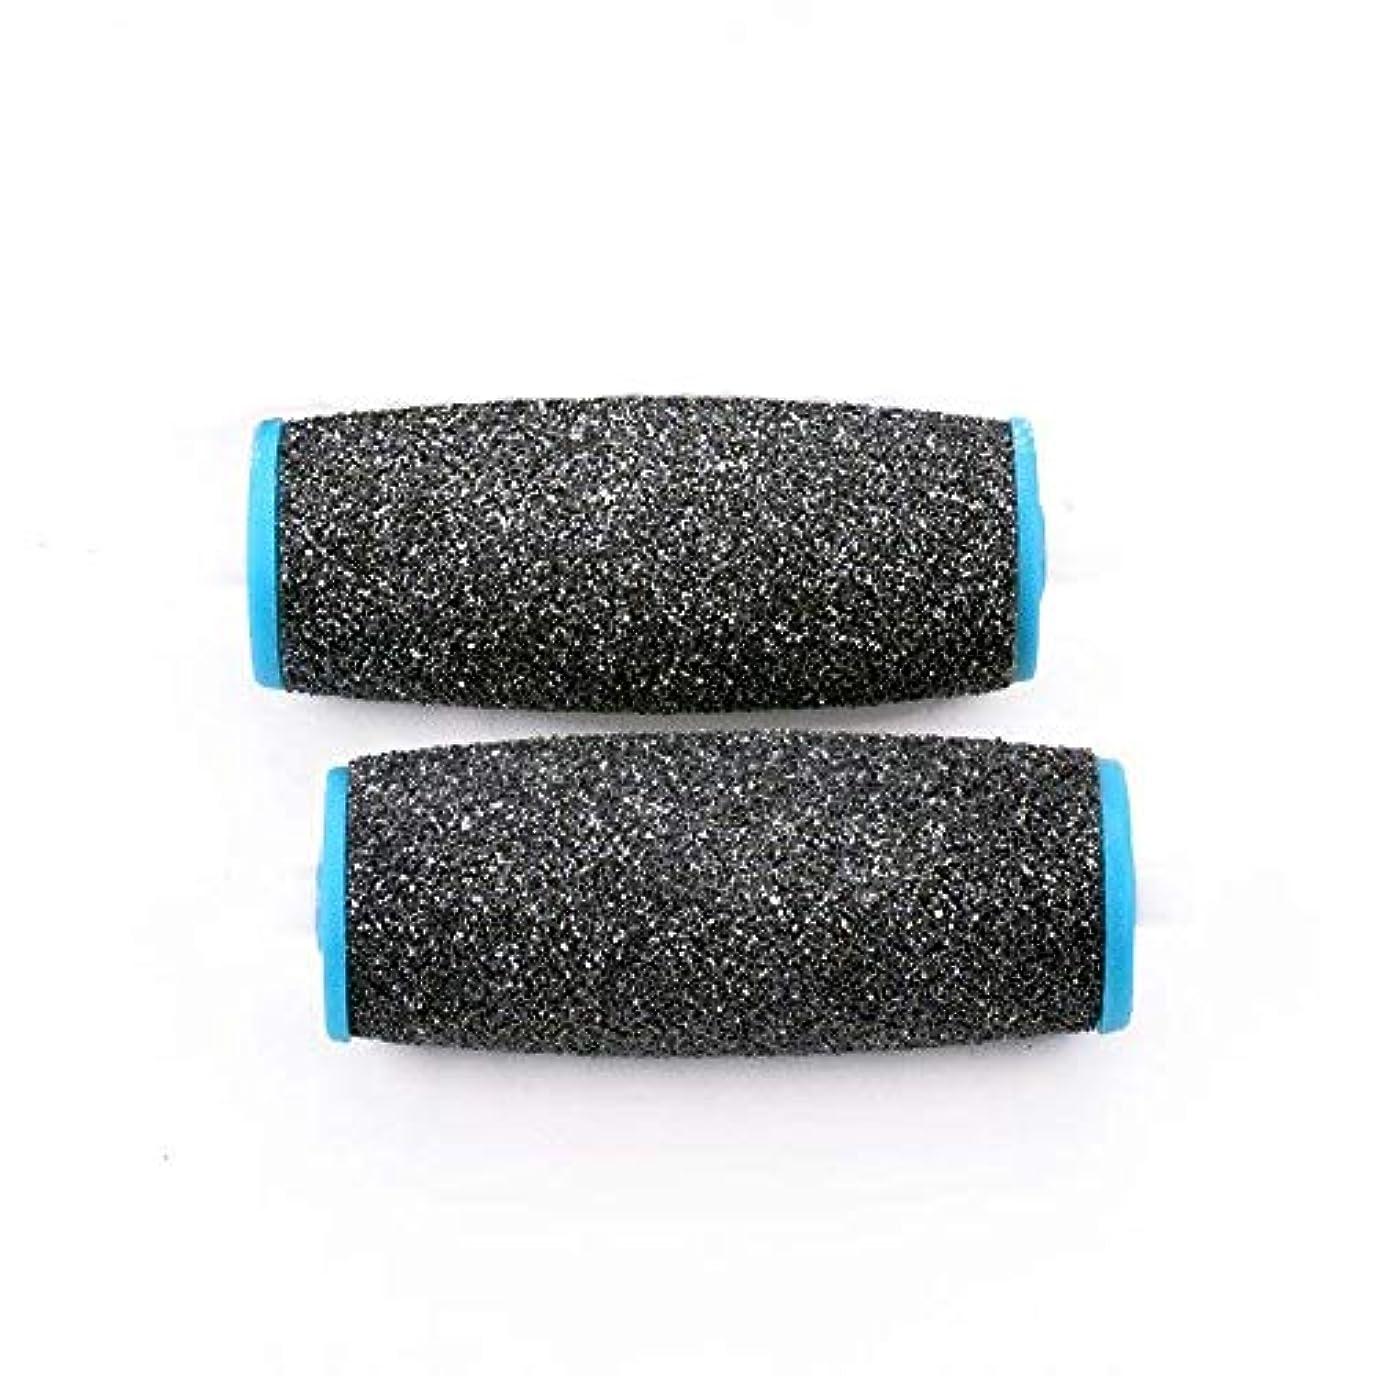 ミット錆びデモンストレーションViffly ベルベットスムーズ 電動角質リムーバー ダイヤモンド リフィル エキストラ かたい角質用 2個セット (ブラック+ブルー)